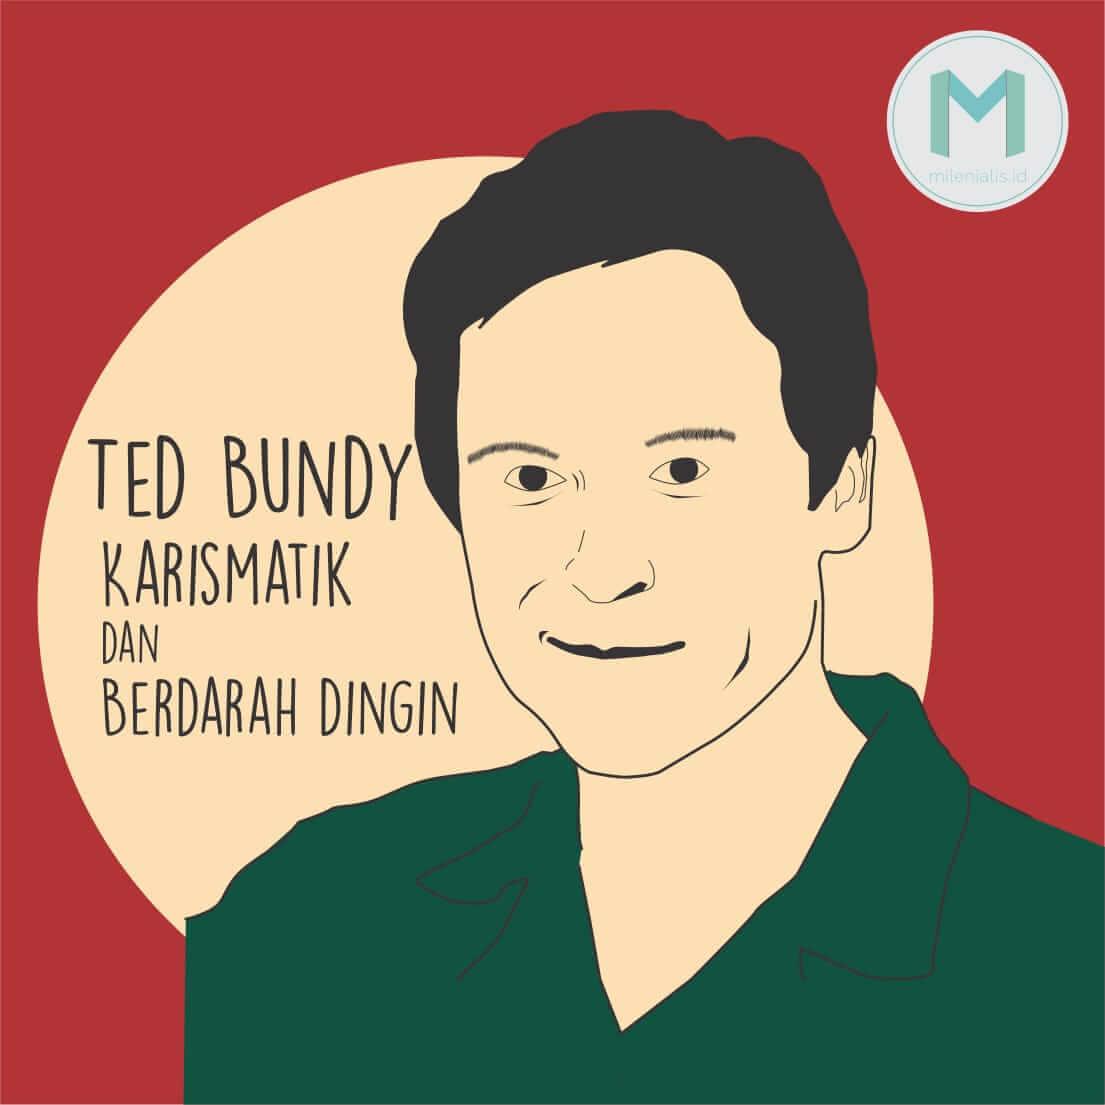 Mengenal Lebih Dekat Sosok Karismatik dan Berdarah Dingin, Ted Bundy